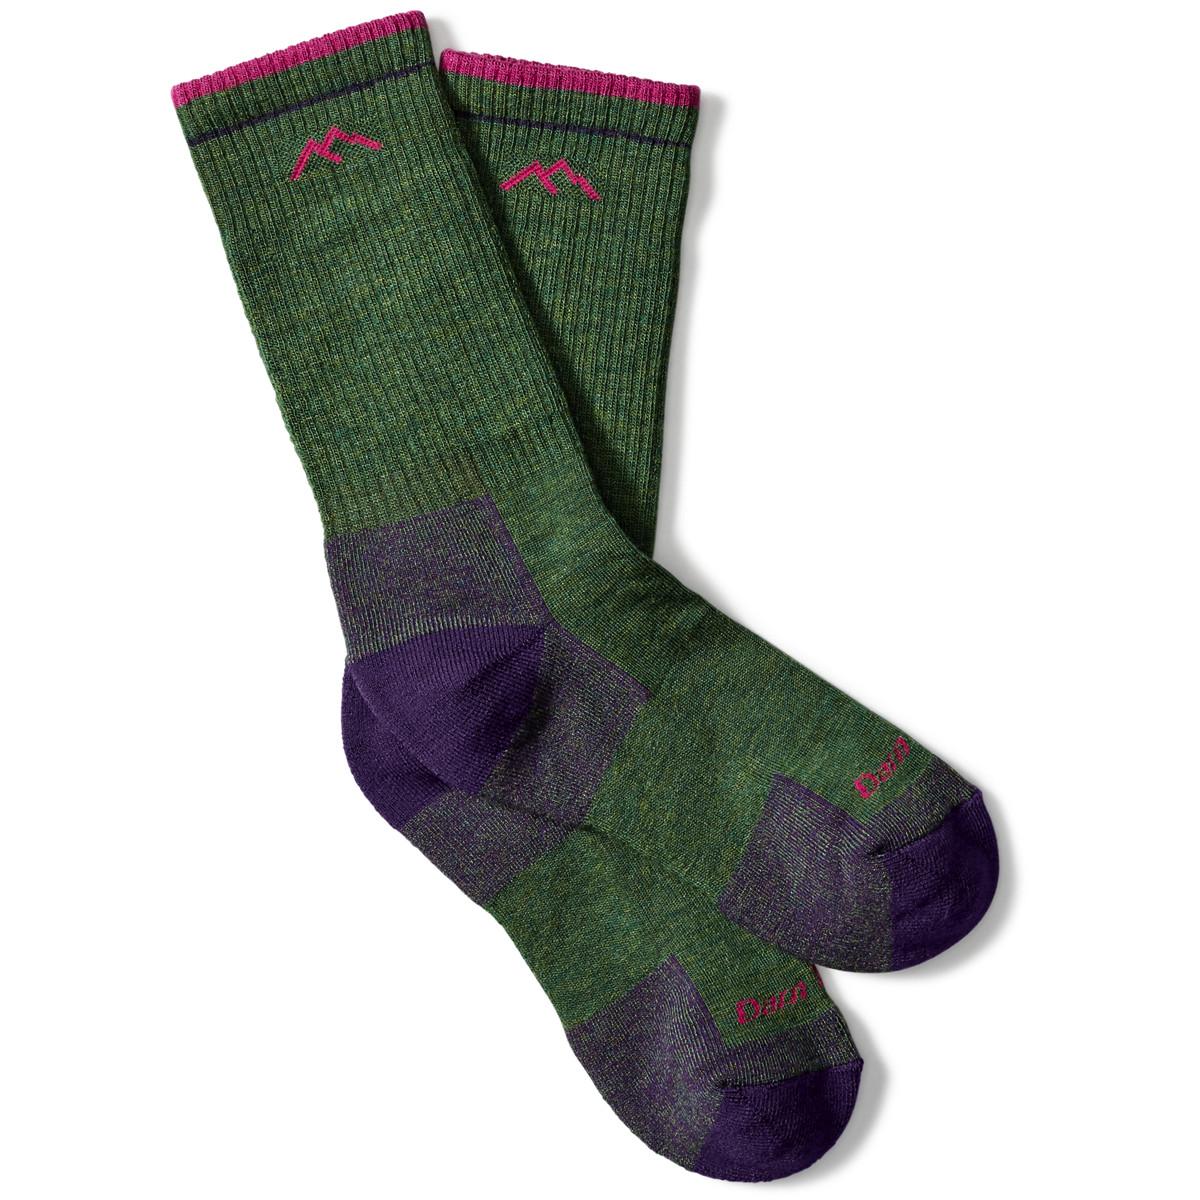 Darn Tough Women's Boot Sock Cushion - Moss